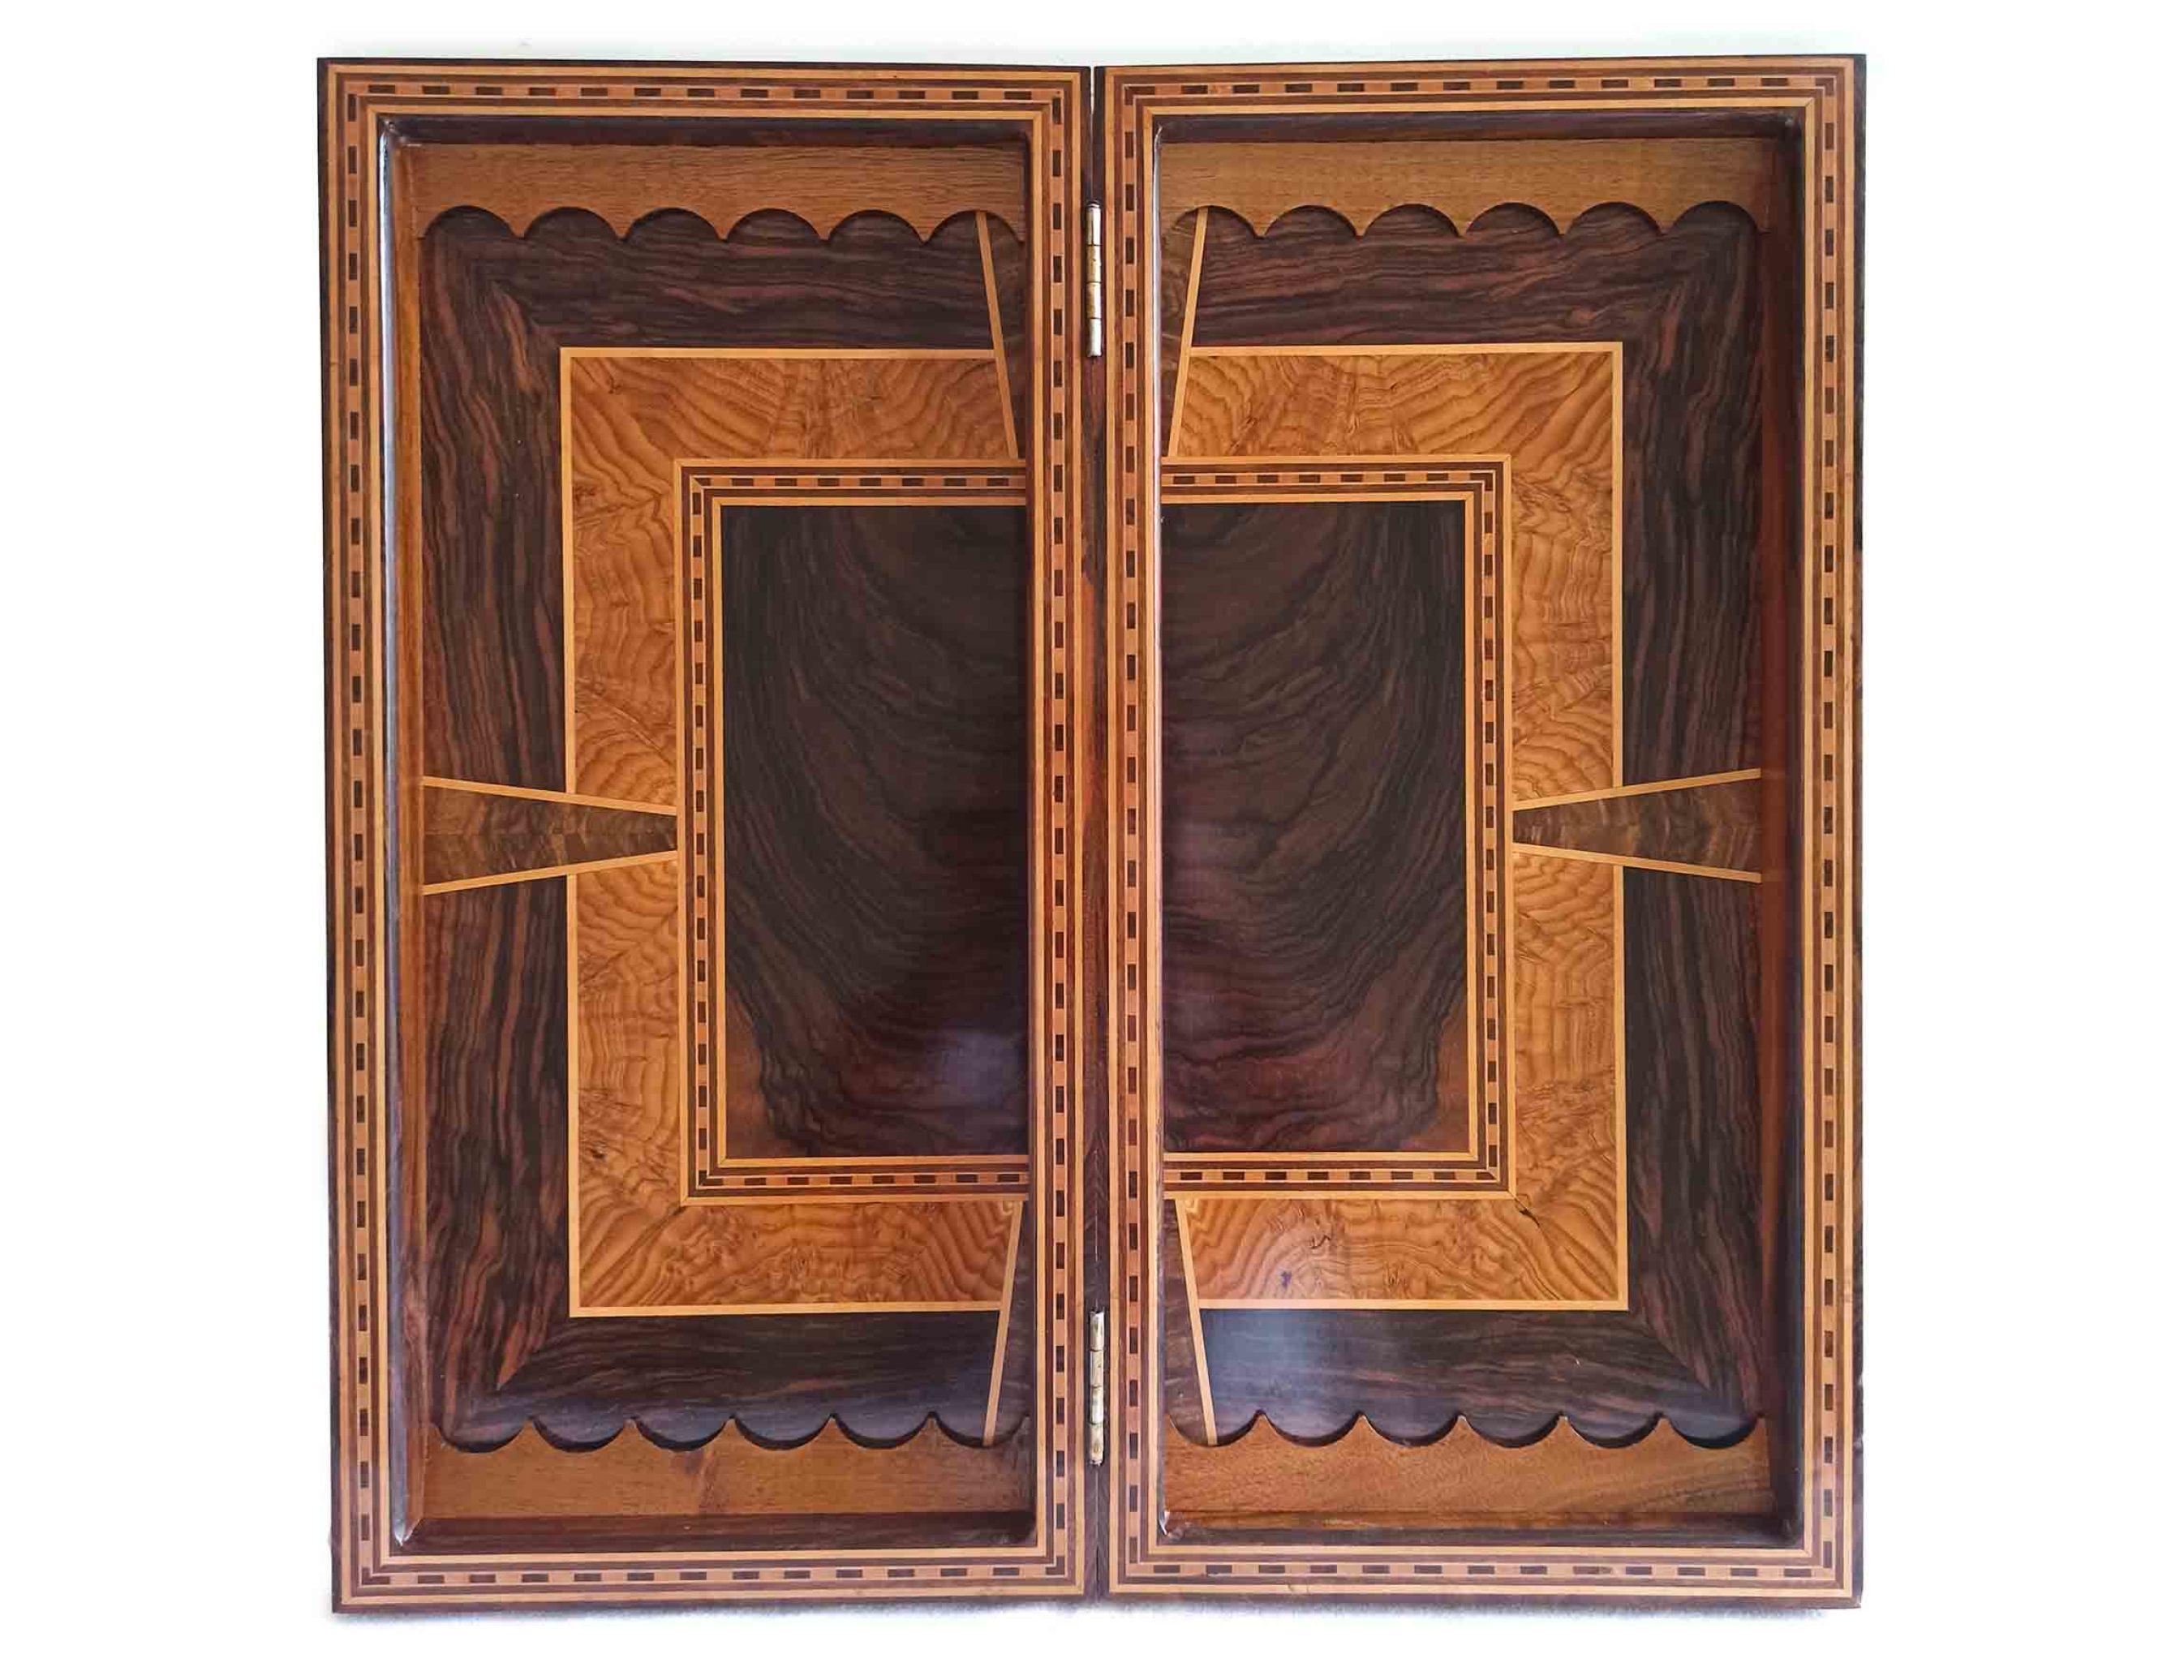 داخل تخته نرد شطرنج، تخته نرد کادویی و تخته نرد نفیس، ساخته شده از چوب گردو